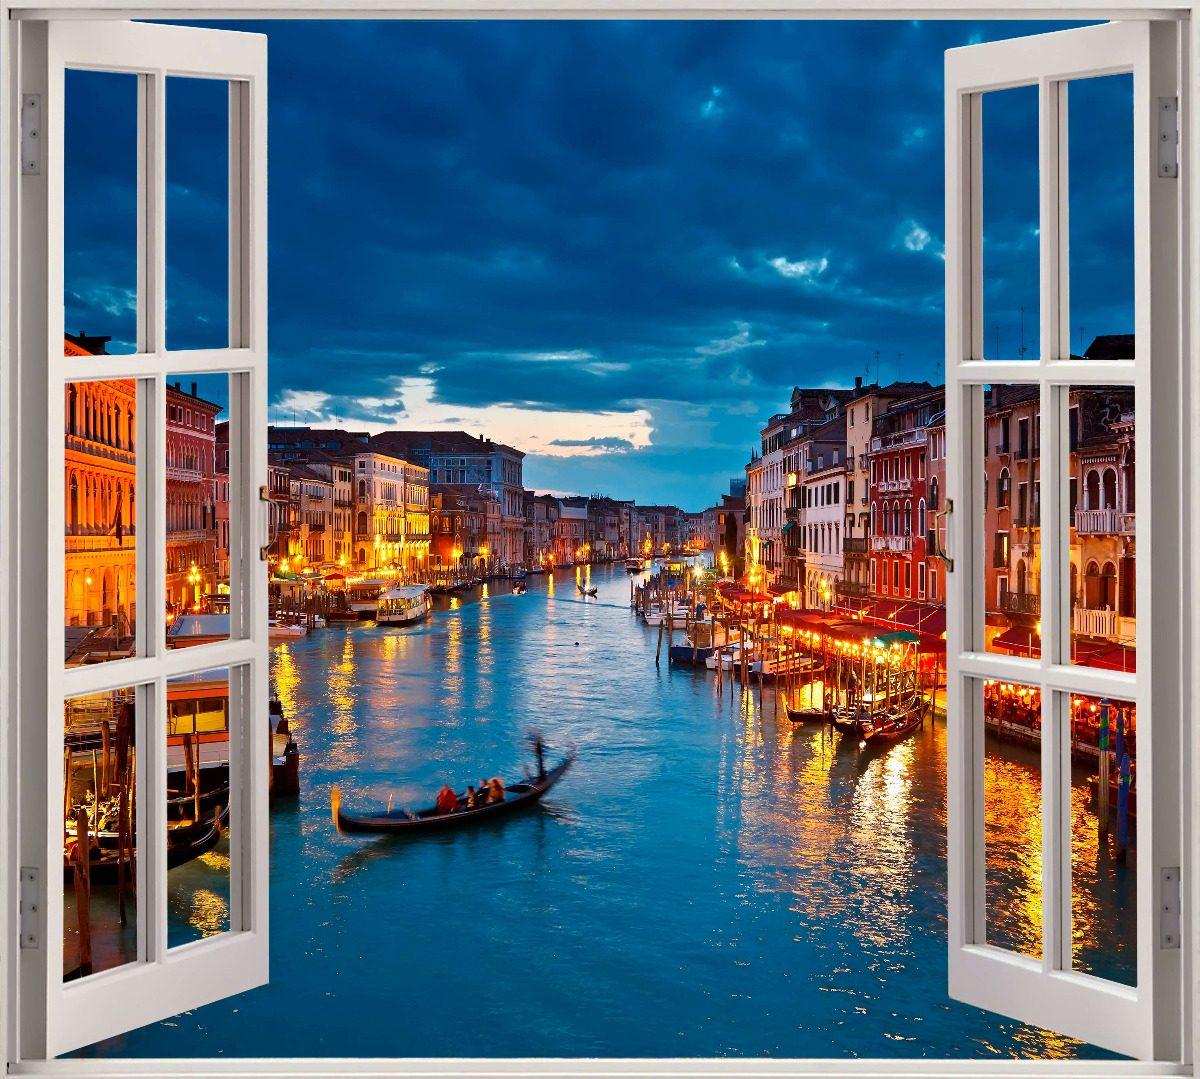 Vinilo Mural Ventana Simulacion Venecia Decoracion 506 00 En